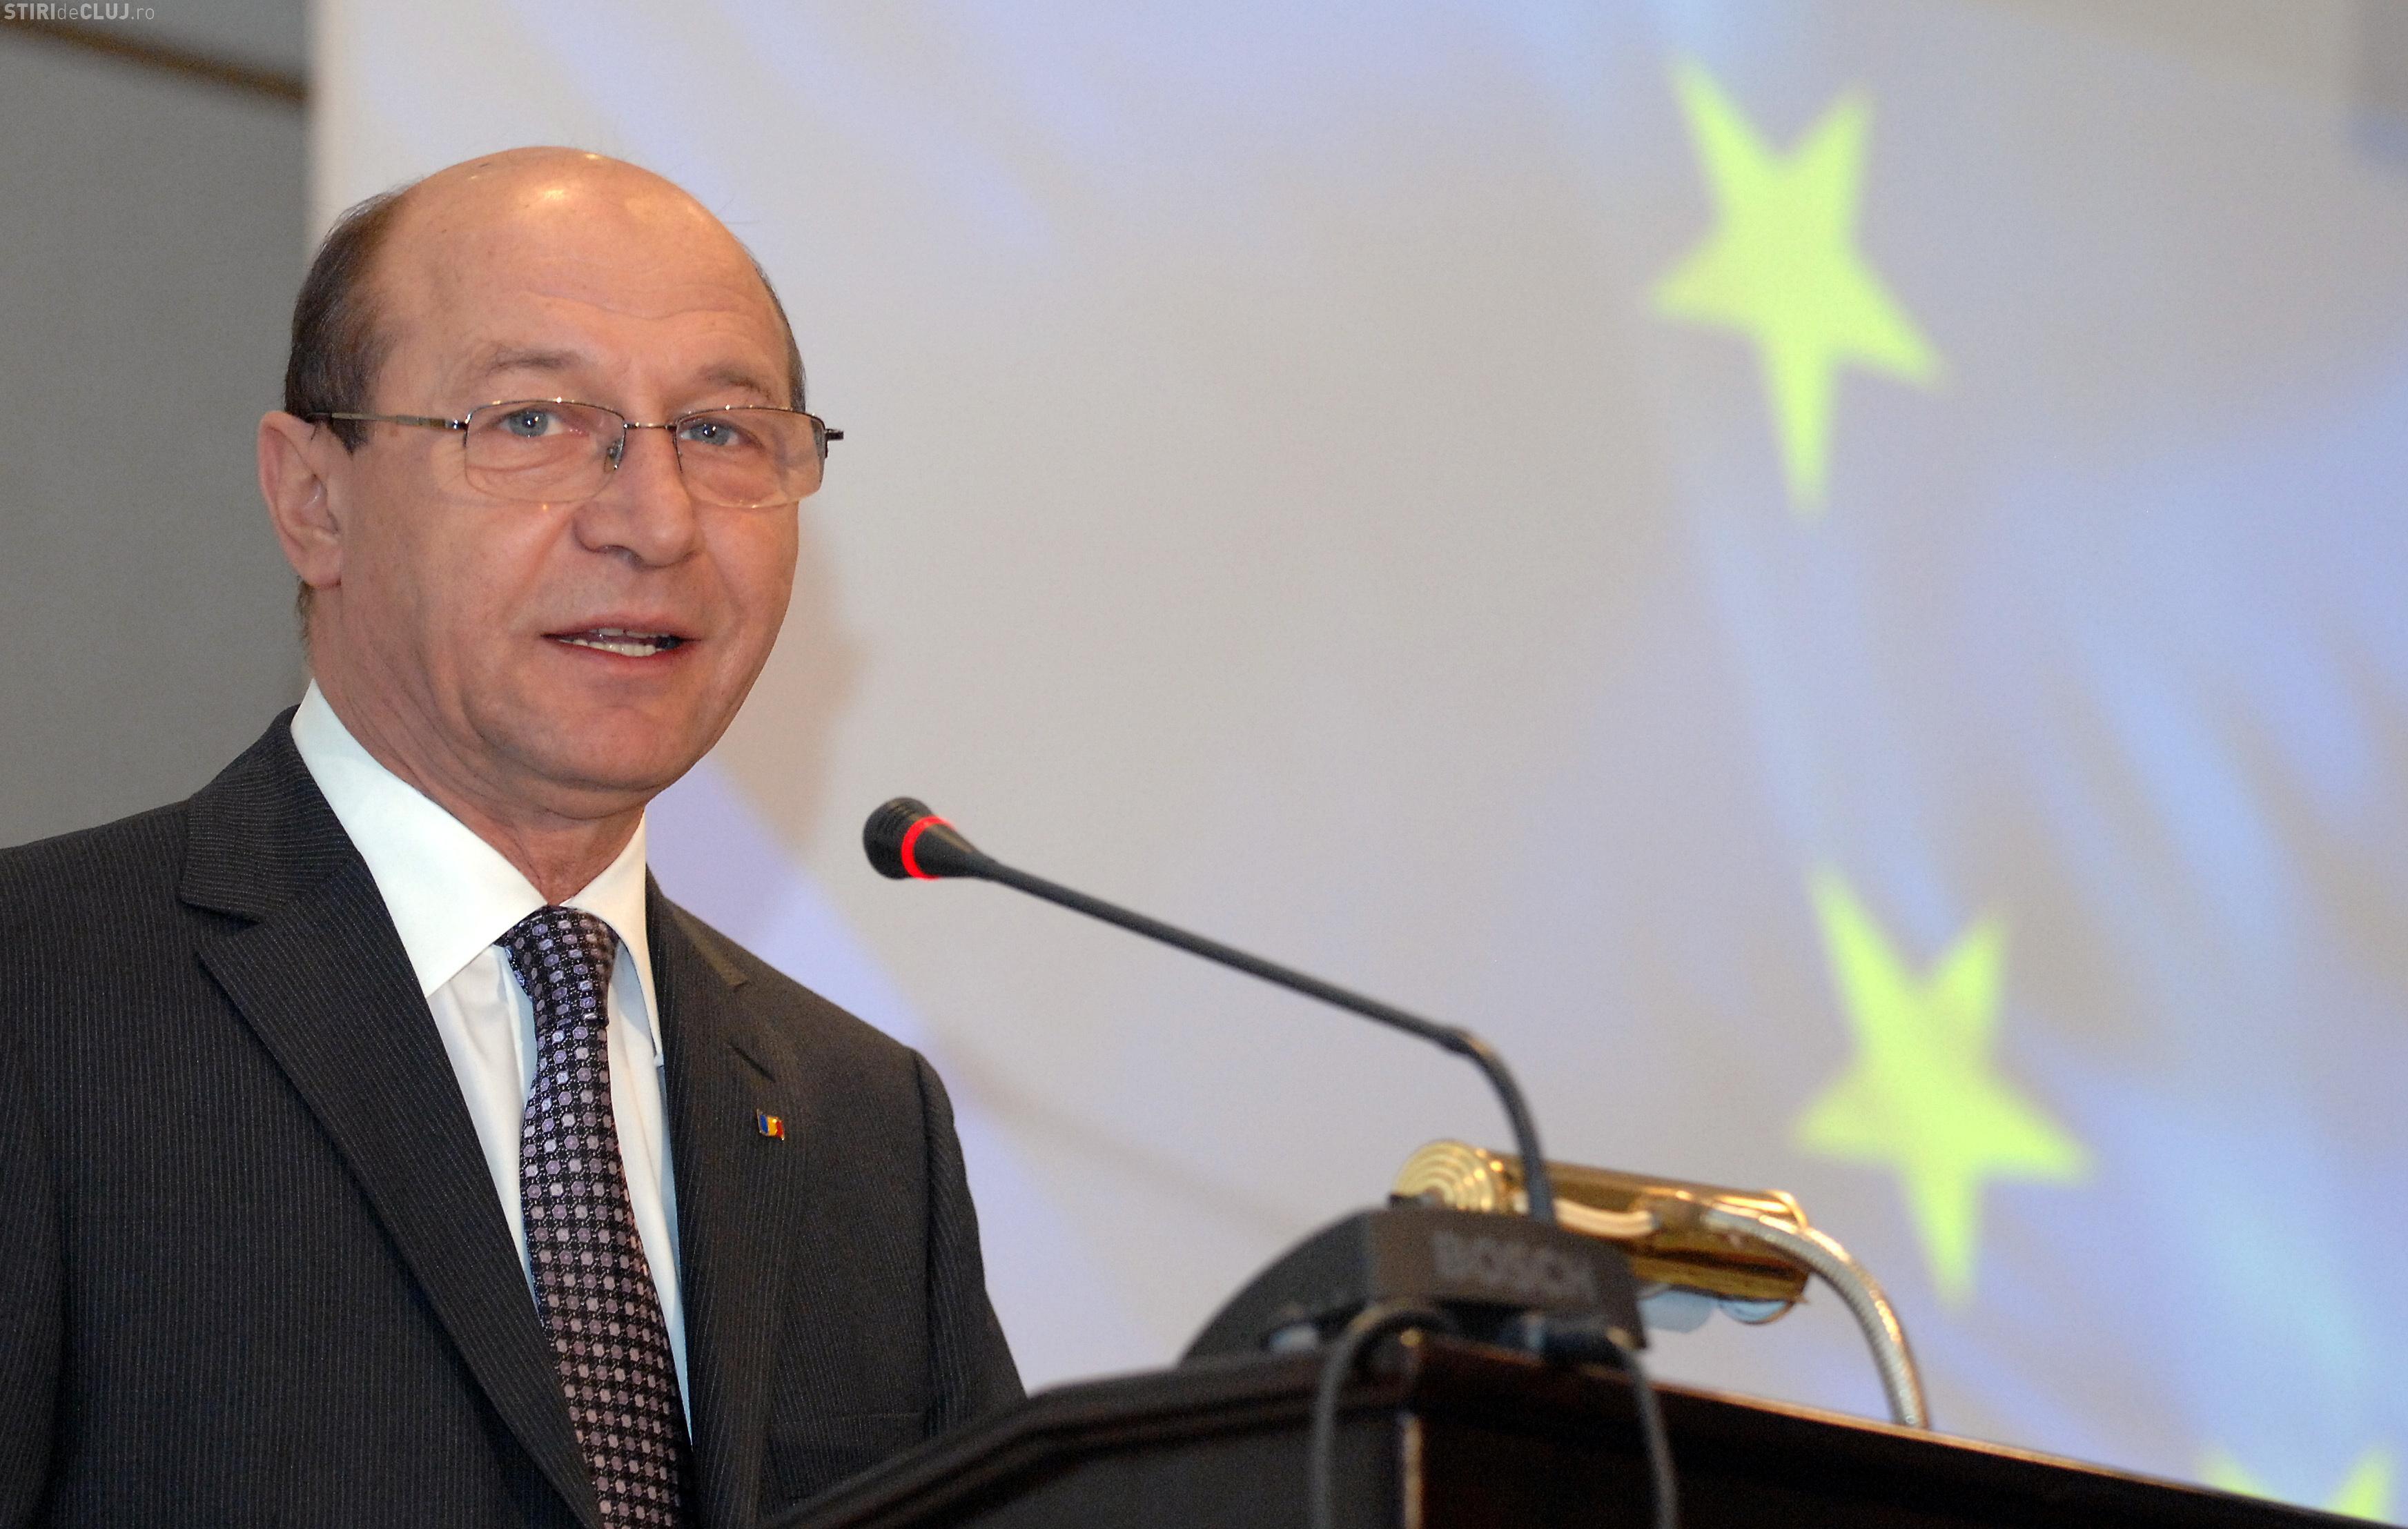 Romanii vor divorta la notar! Presedintele a promulgat Legea micii reforme in justitie